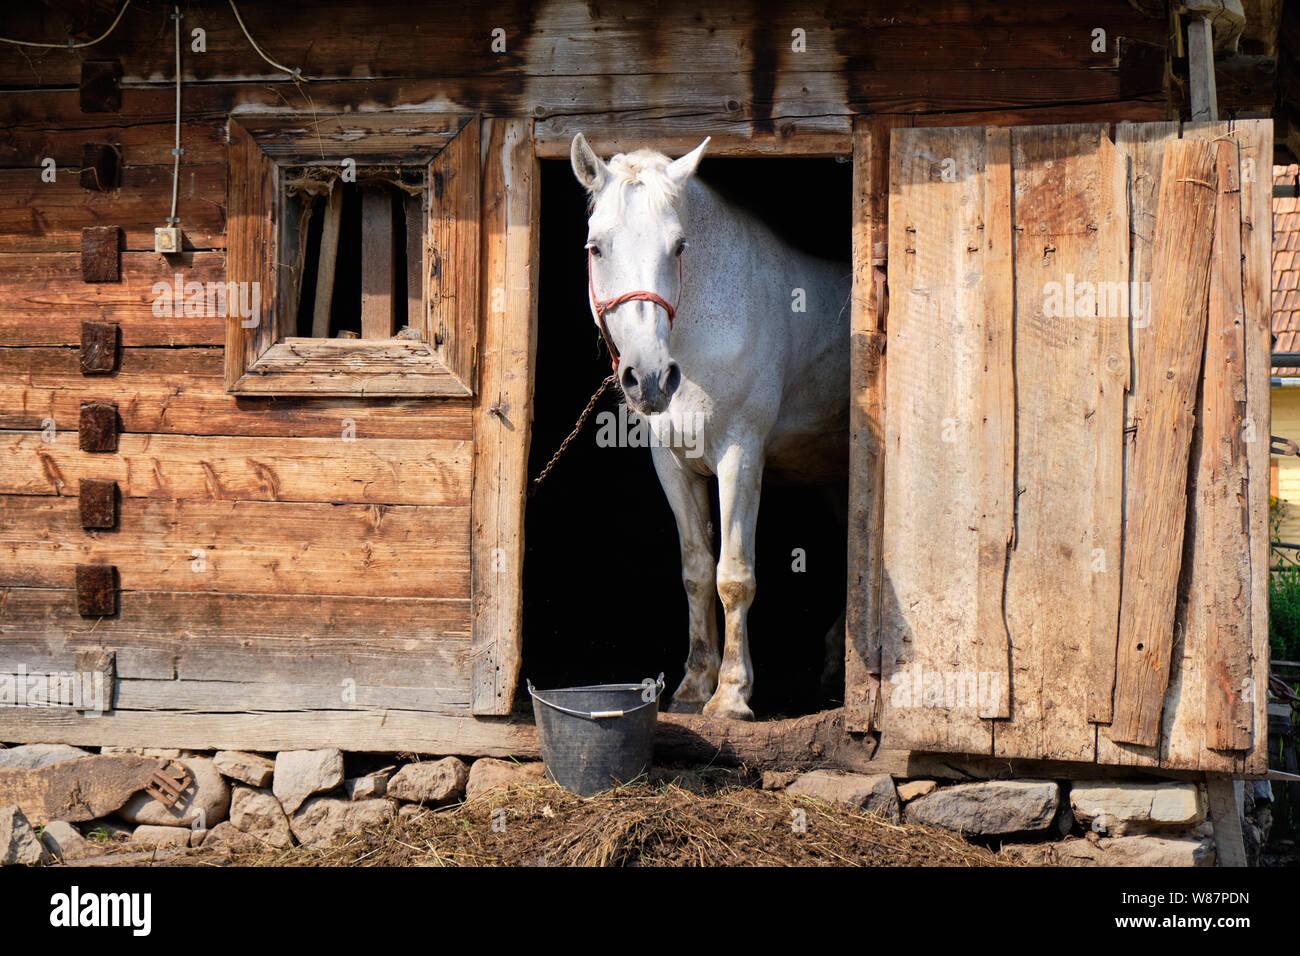 White Horse Farm Anverso Enmarcados En Rustica Antigua Puerta Estable Pegado A La Cabeza Y Mirando Fotografia De Stock Alamy